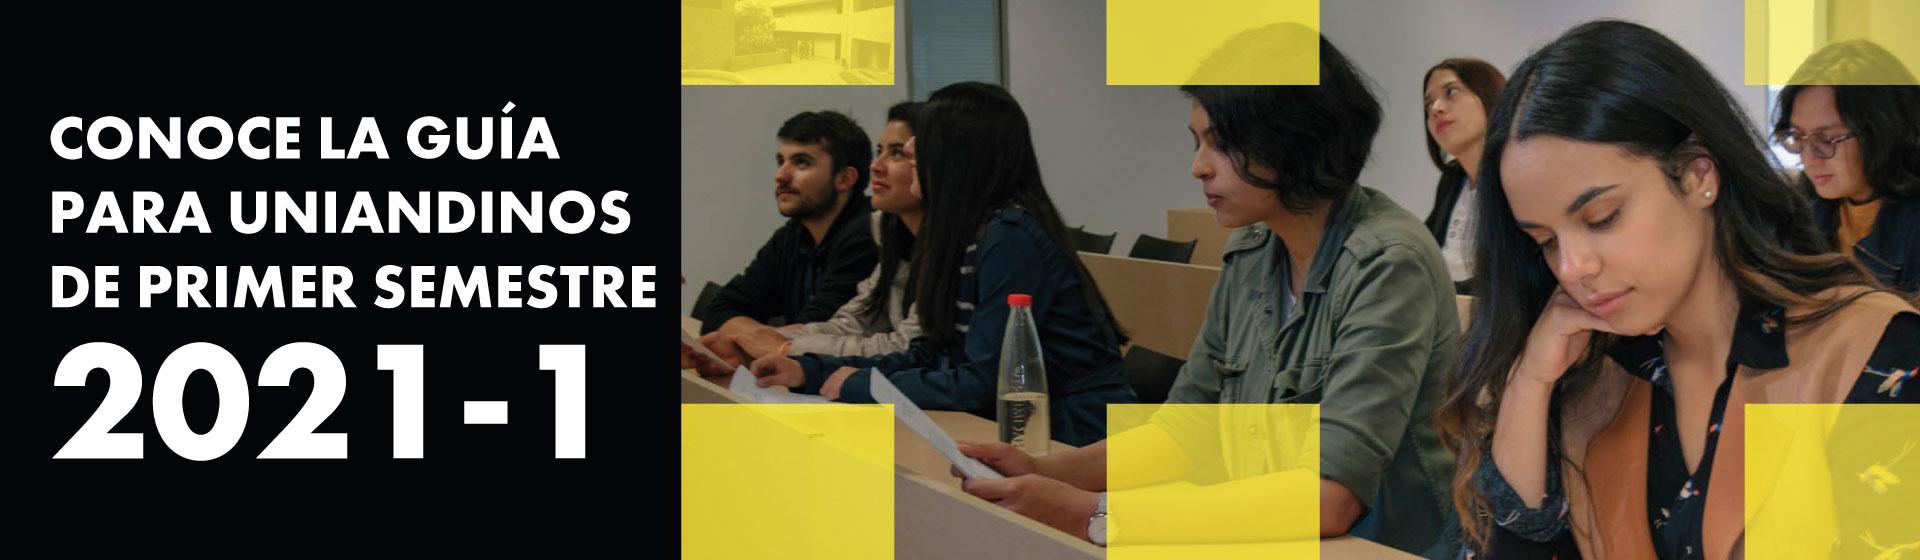 Guía para estudiantes de primer semestre 2021-1